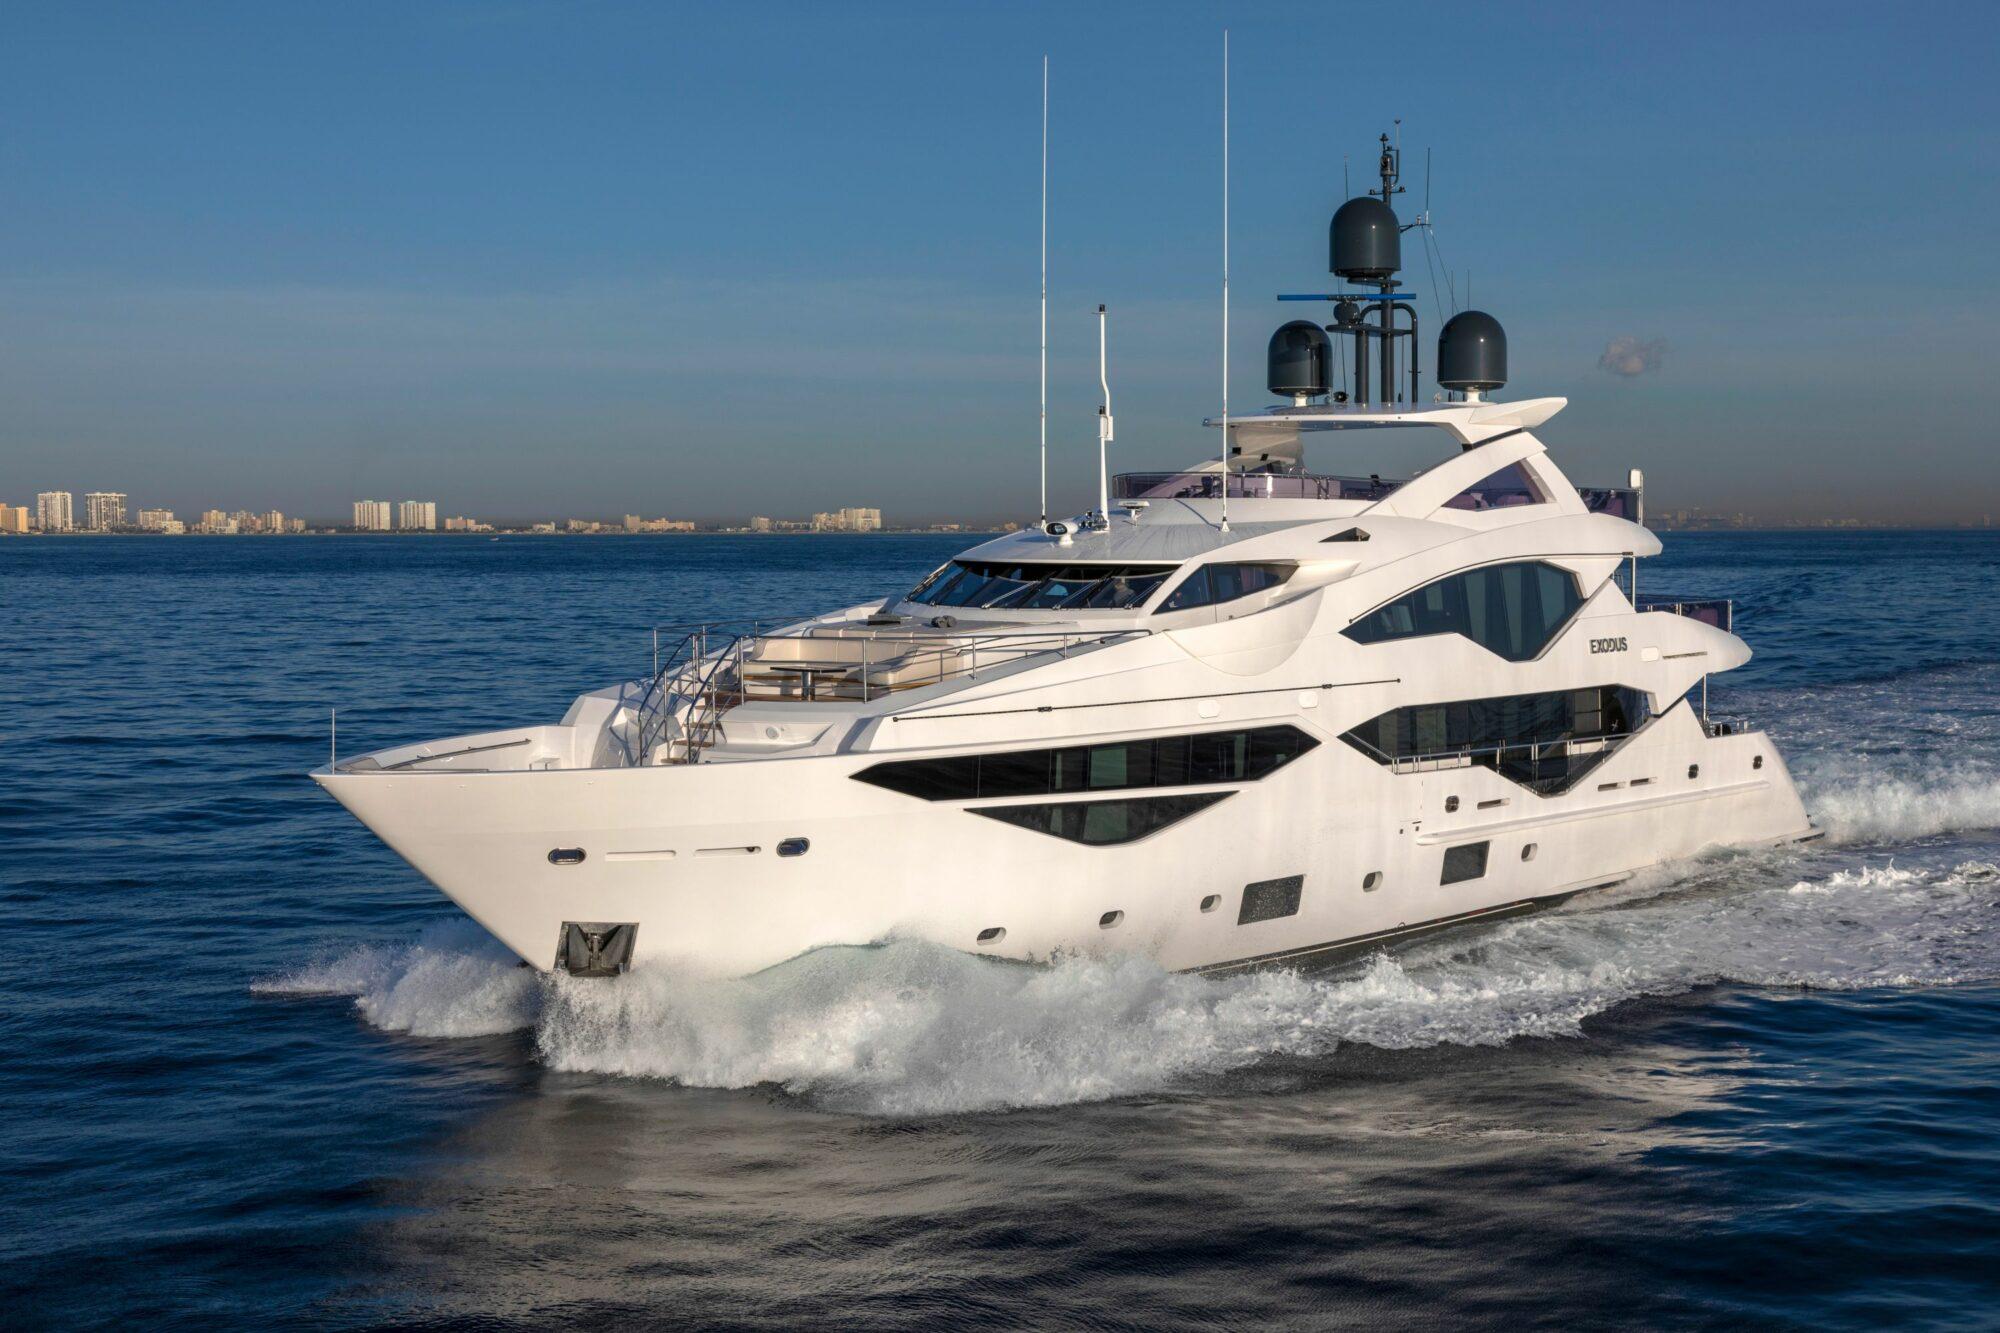 exodus yacht for sale